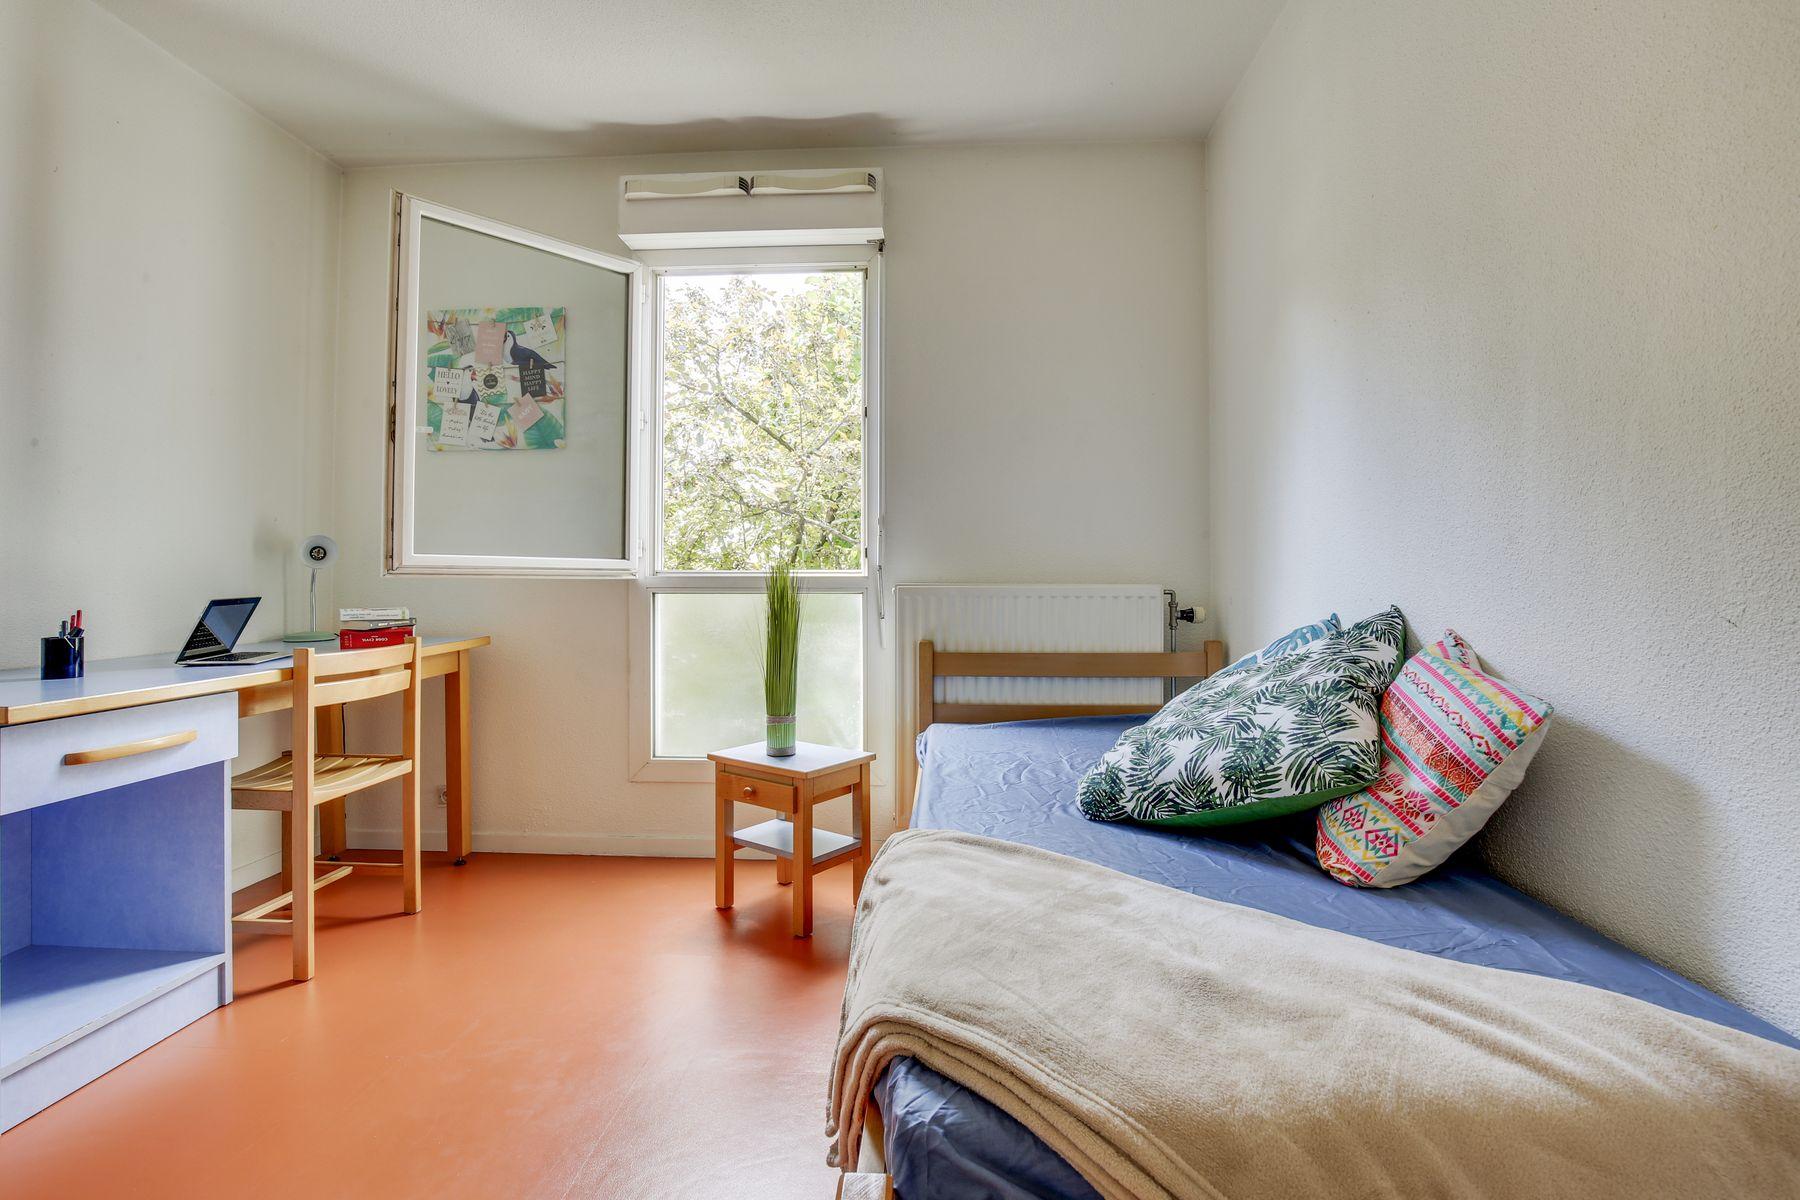 LOGIFAC résidence étudiante Maximilien Perret Alfortville chambre